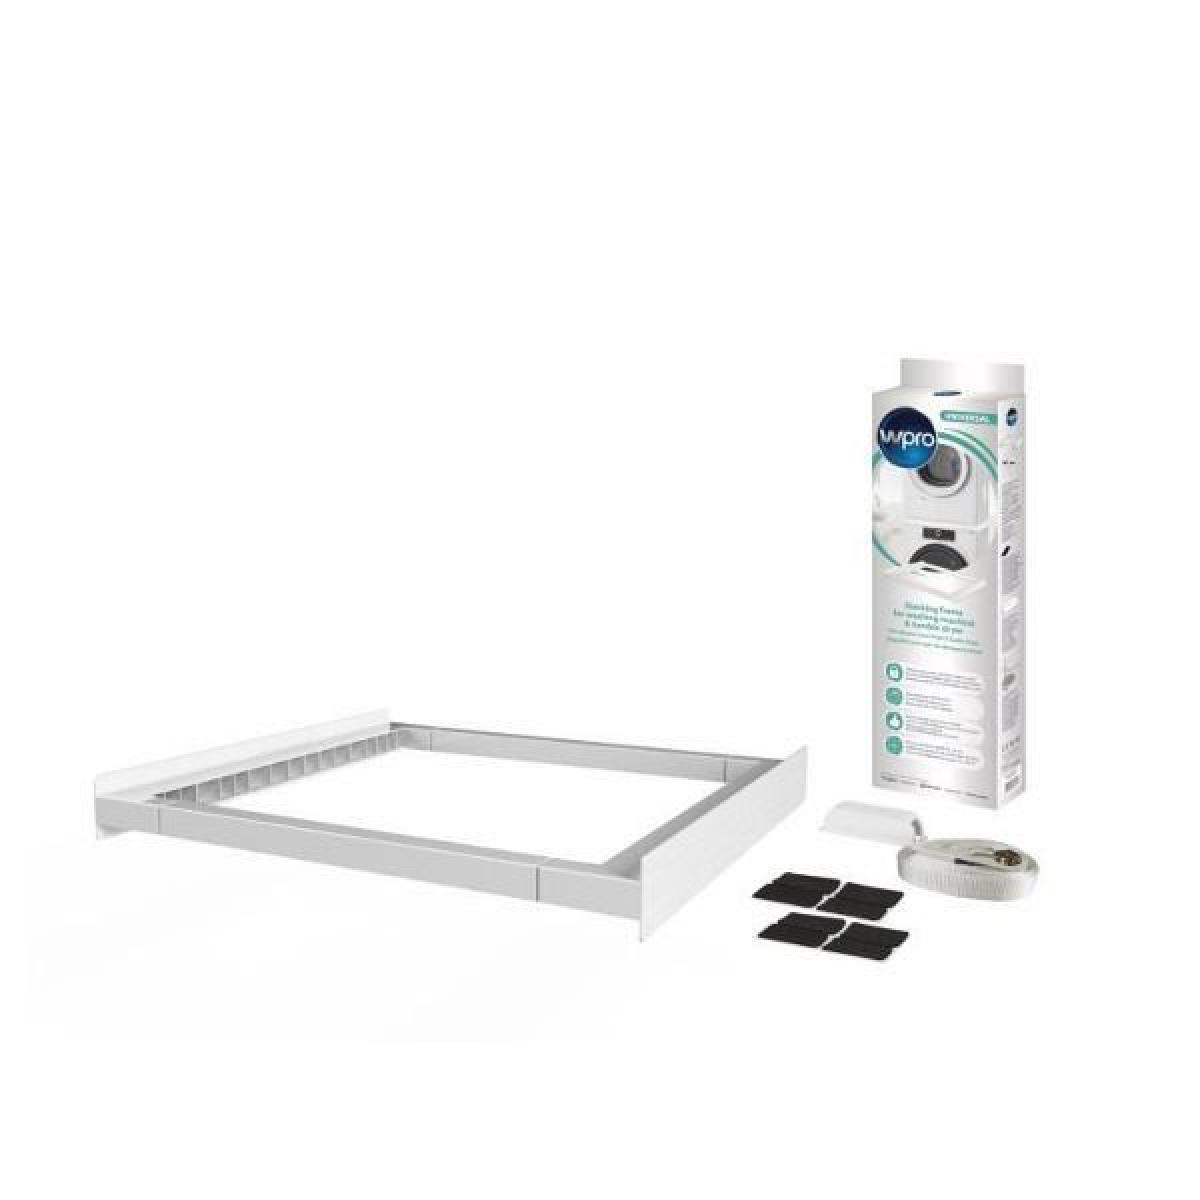 Wpro kit colonne pour lave-linge et sèche-linge WPRO - KCL103